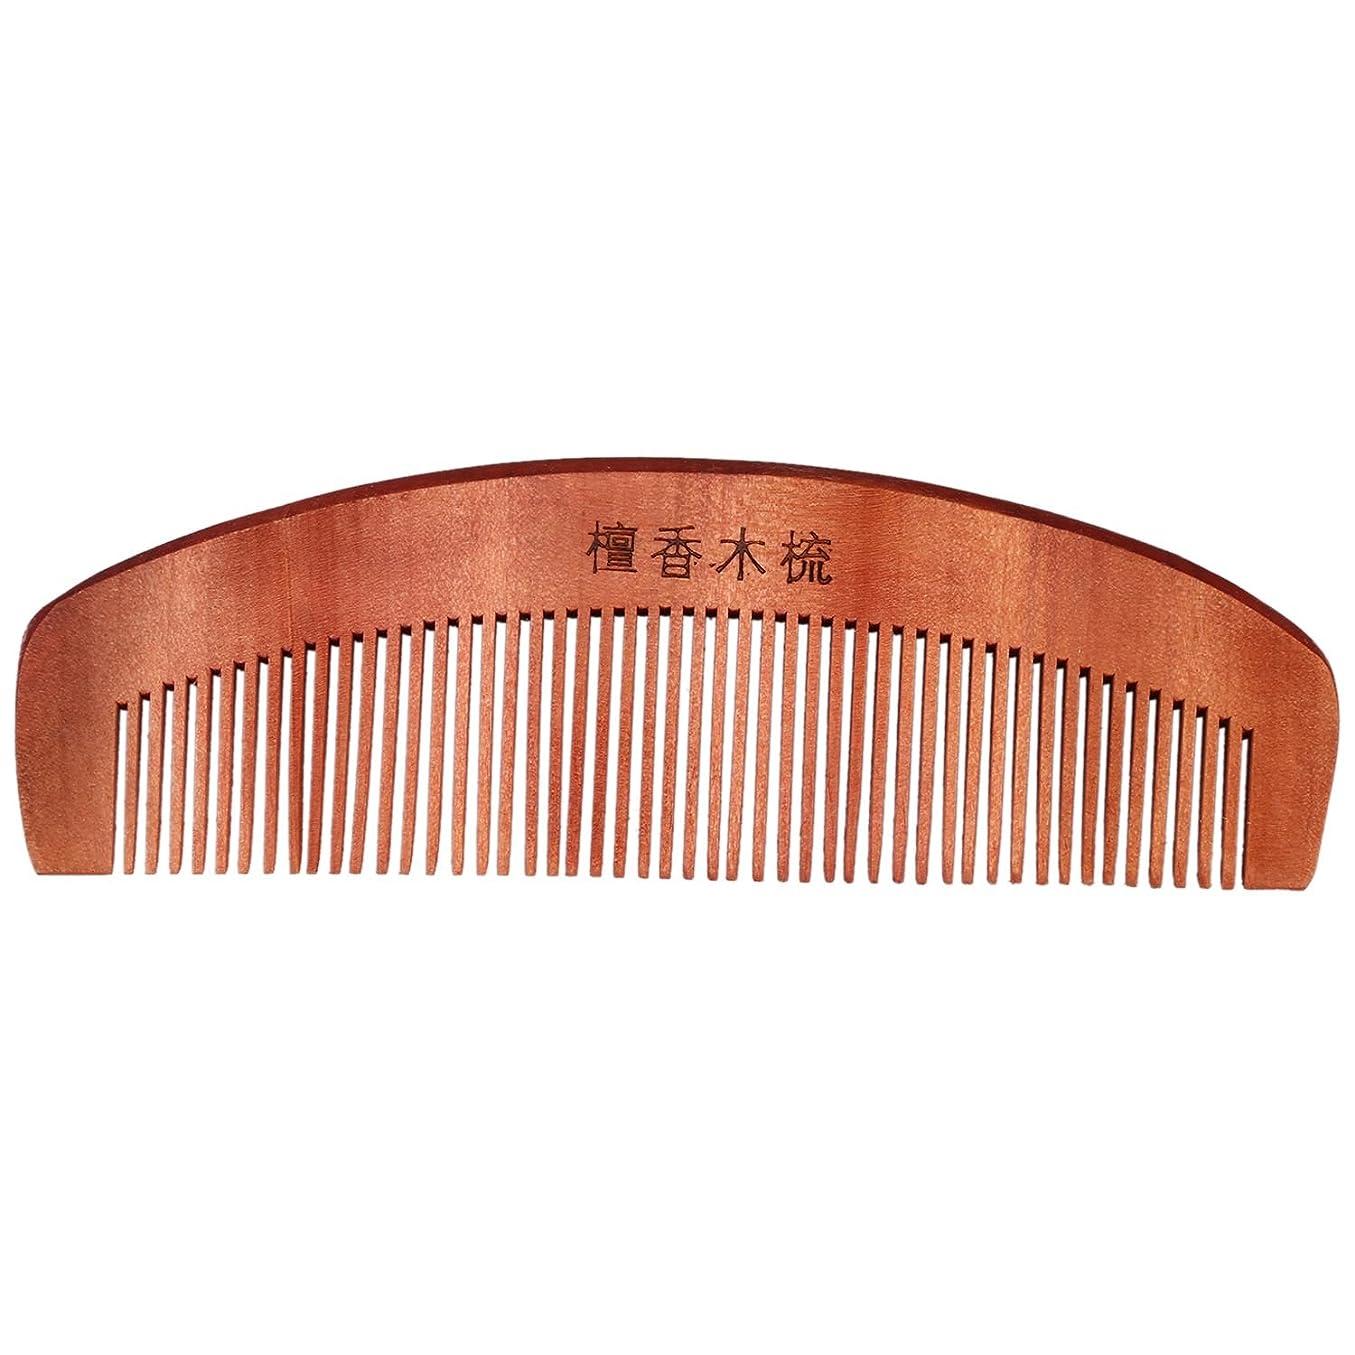 うなずくについてキャビンRETYLY コーヒー色の香りの良い天然木木製の髪ケア理髪くし5.7